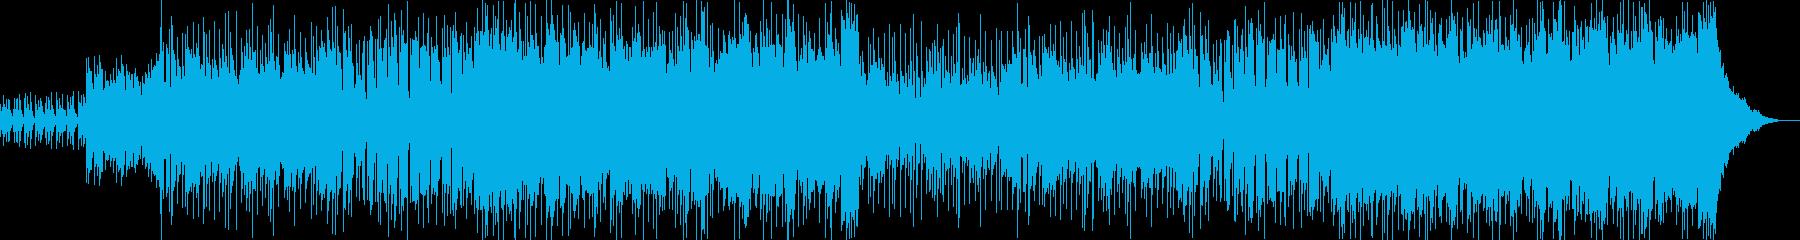 明るく爽やかなオーケストラポップ-08の再生済みの波形